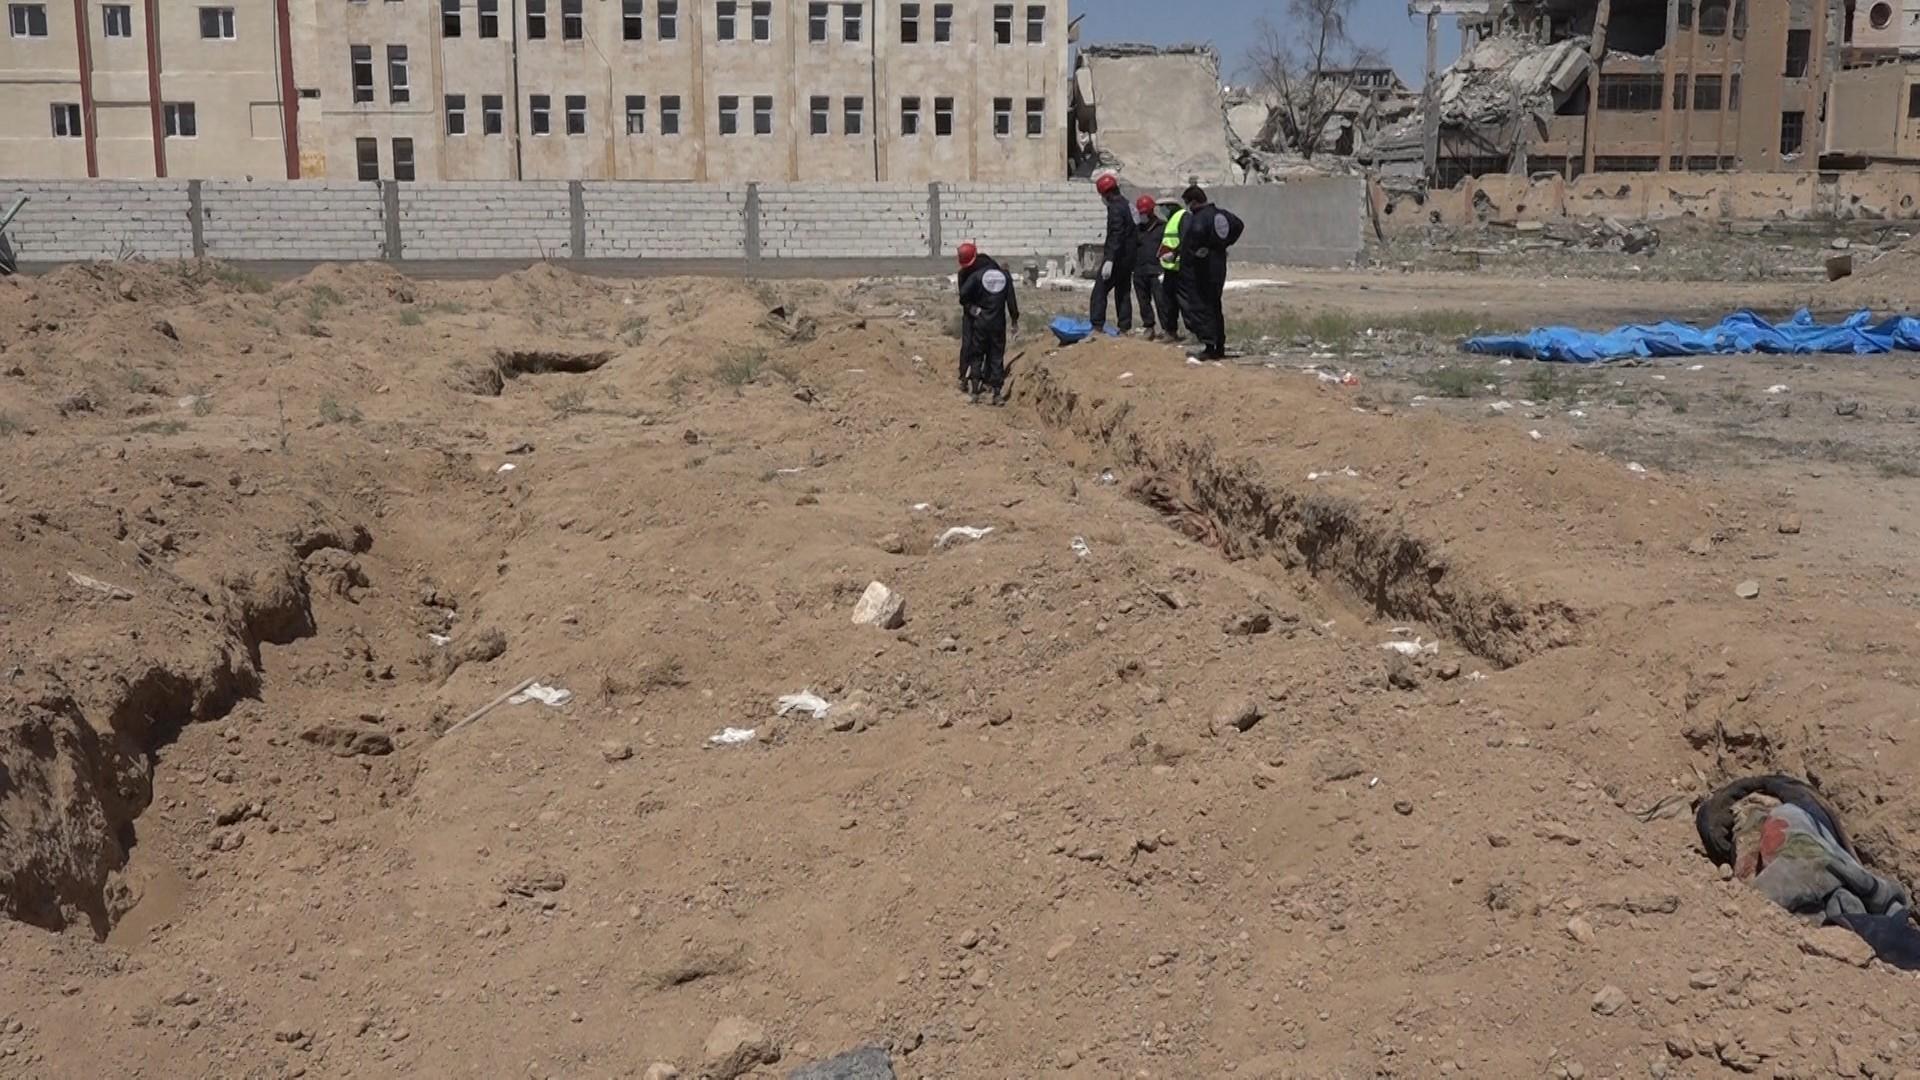 Reqa'daki toplu mezarlardan 900 cenaze çıkarıldı!